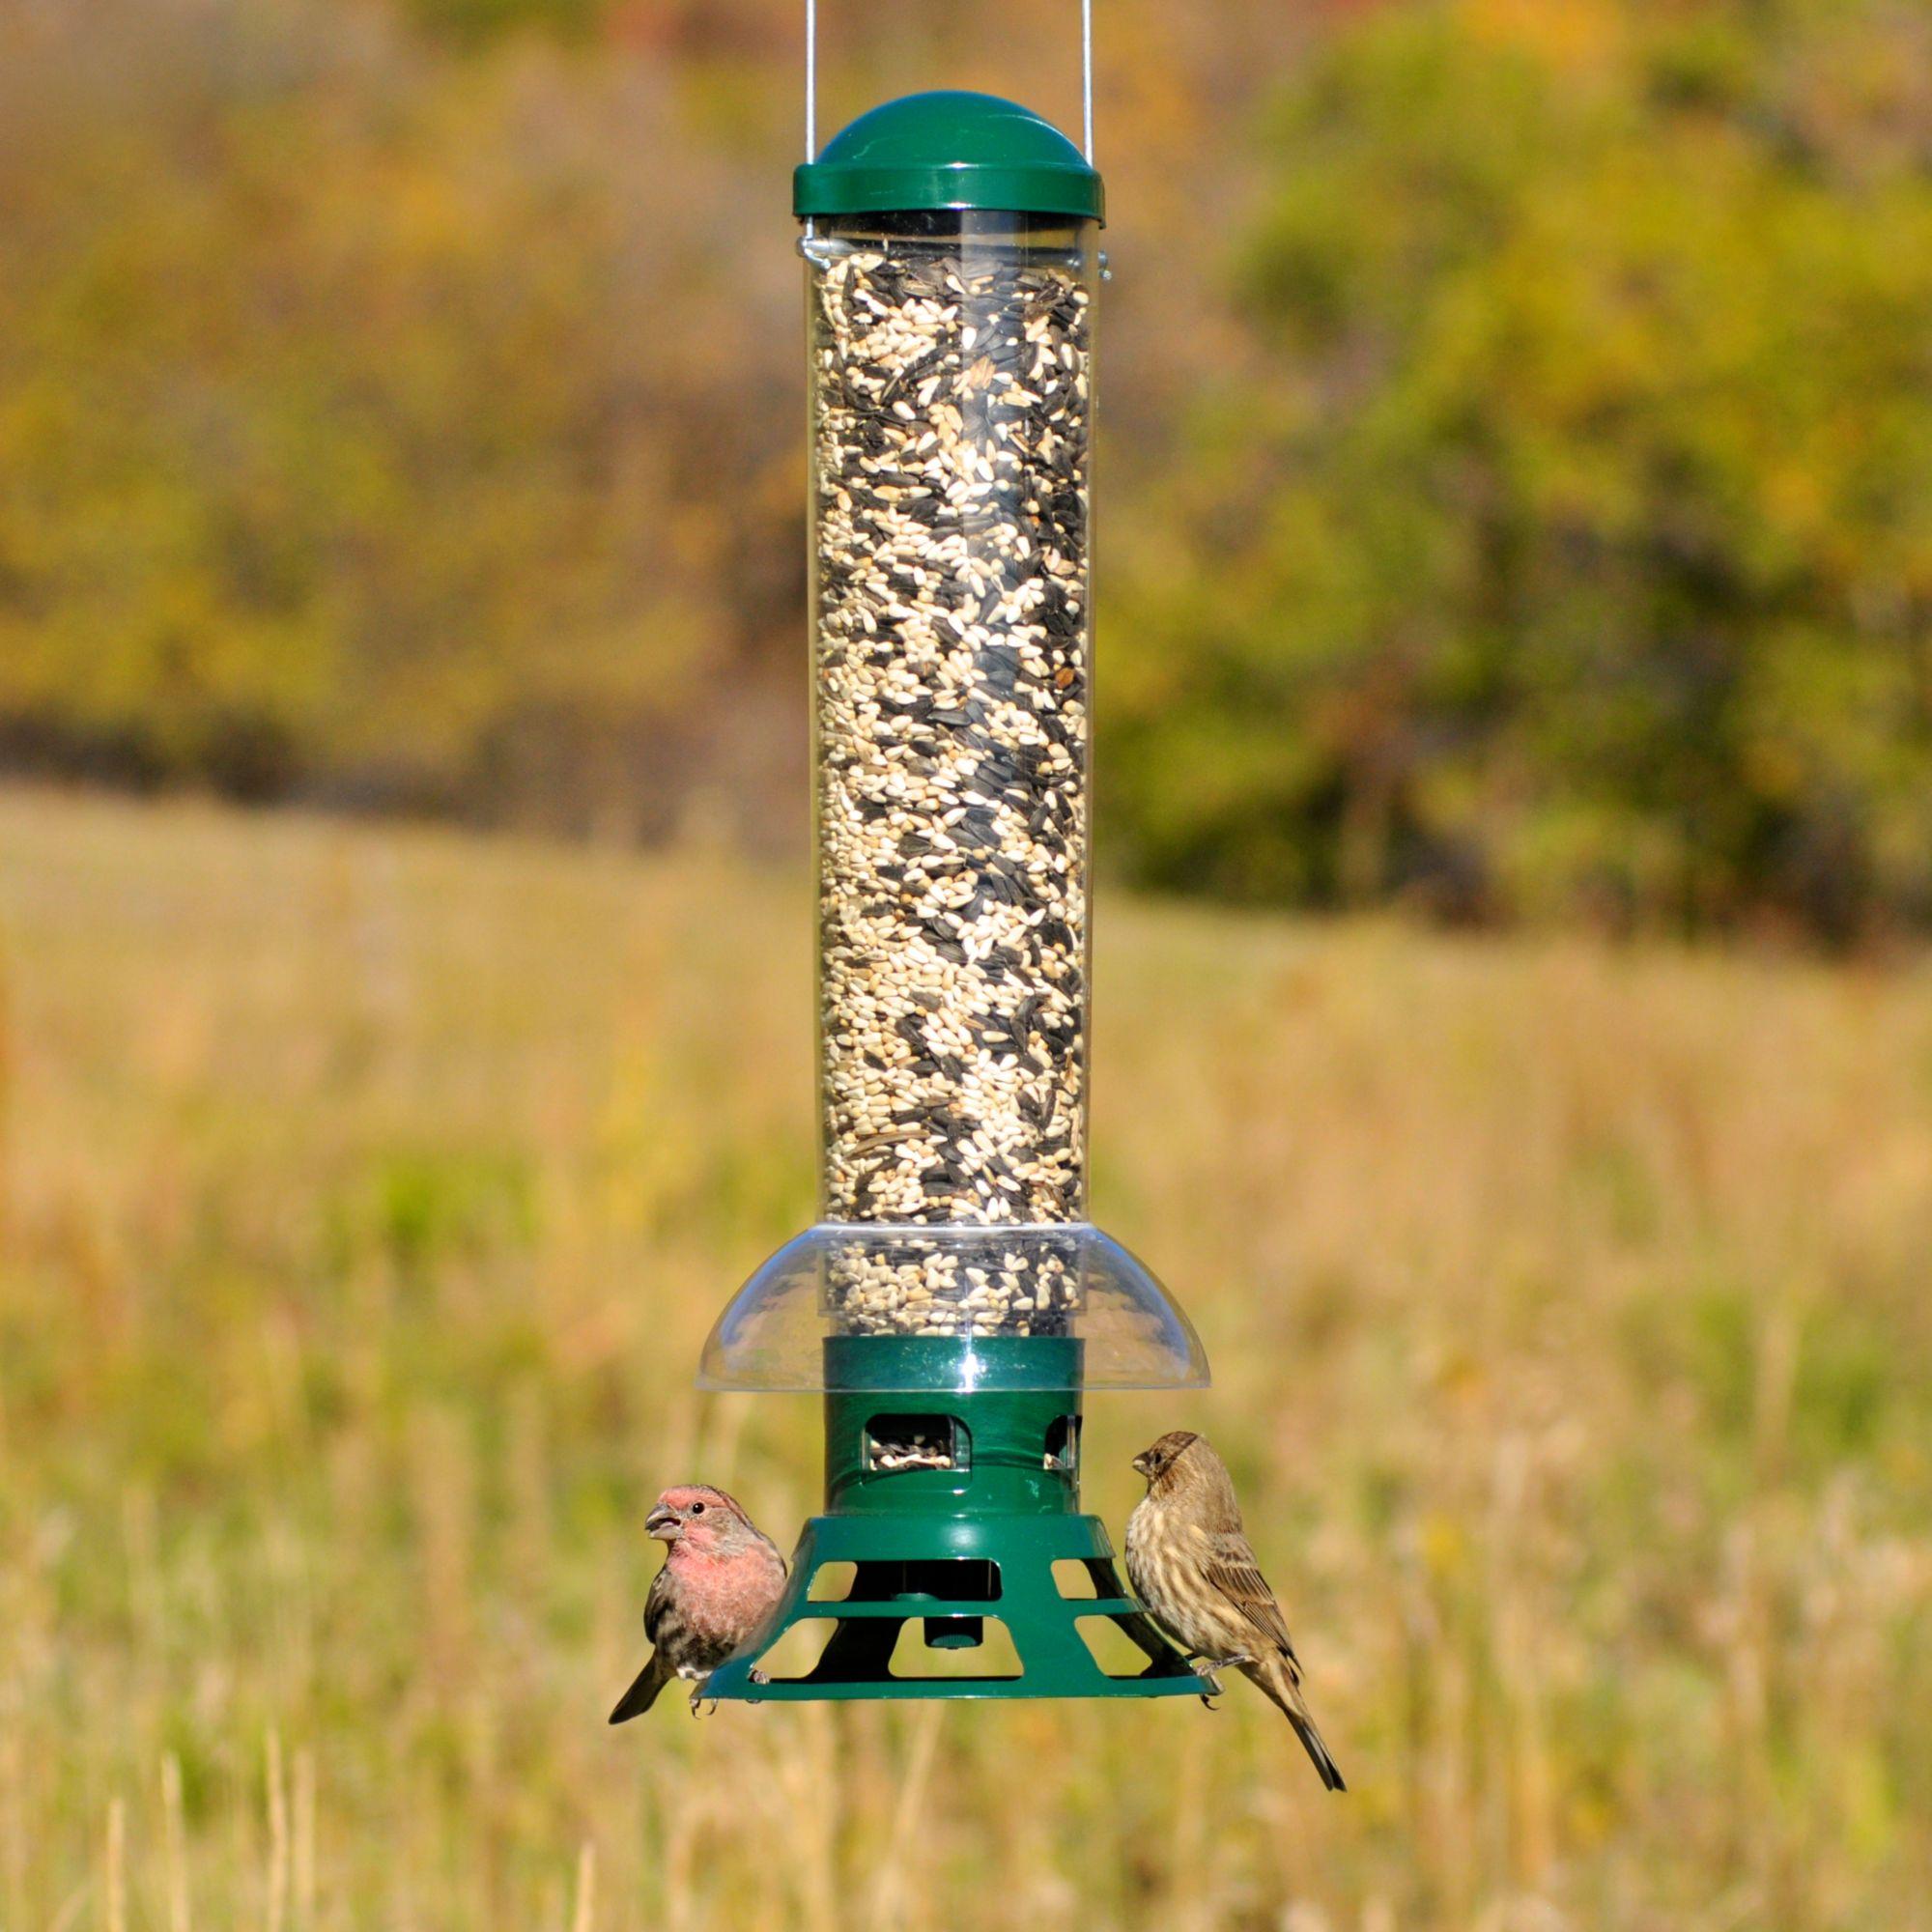 to bird feeder old birdfeeder finch evolve the best birdfeeders zen from wbu pi good yellow better